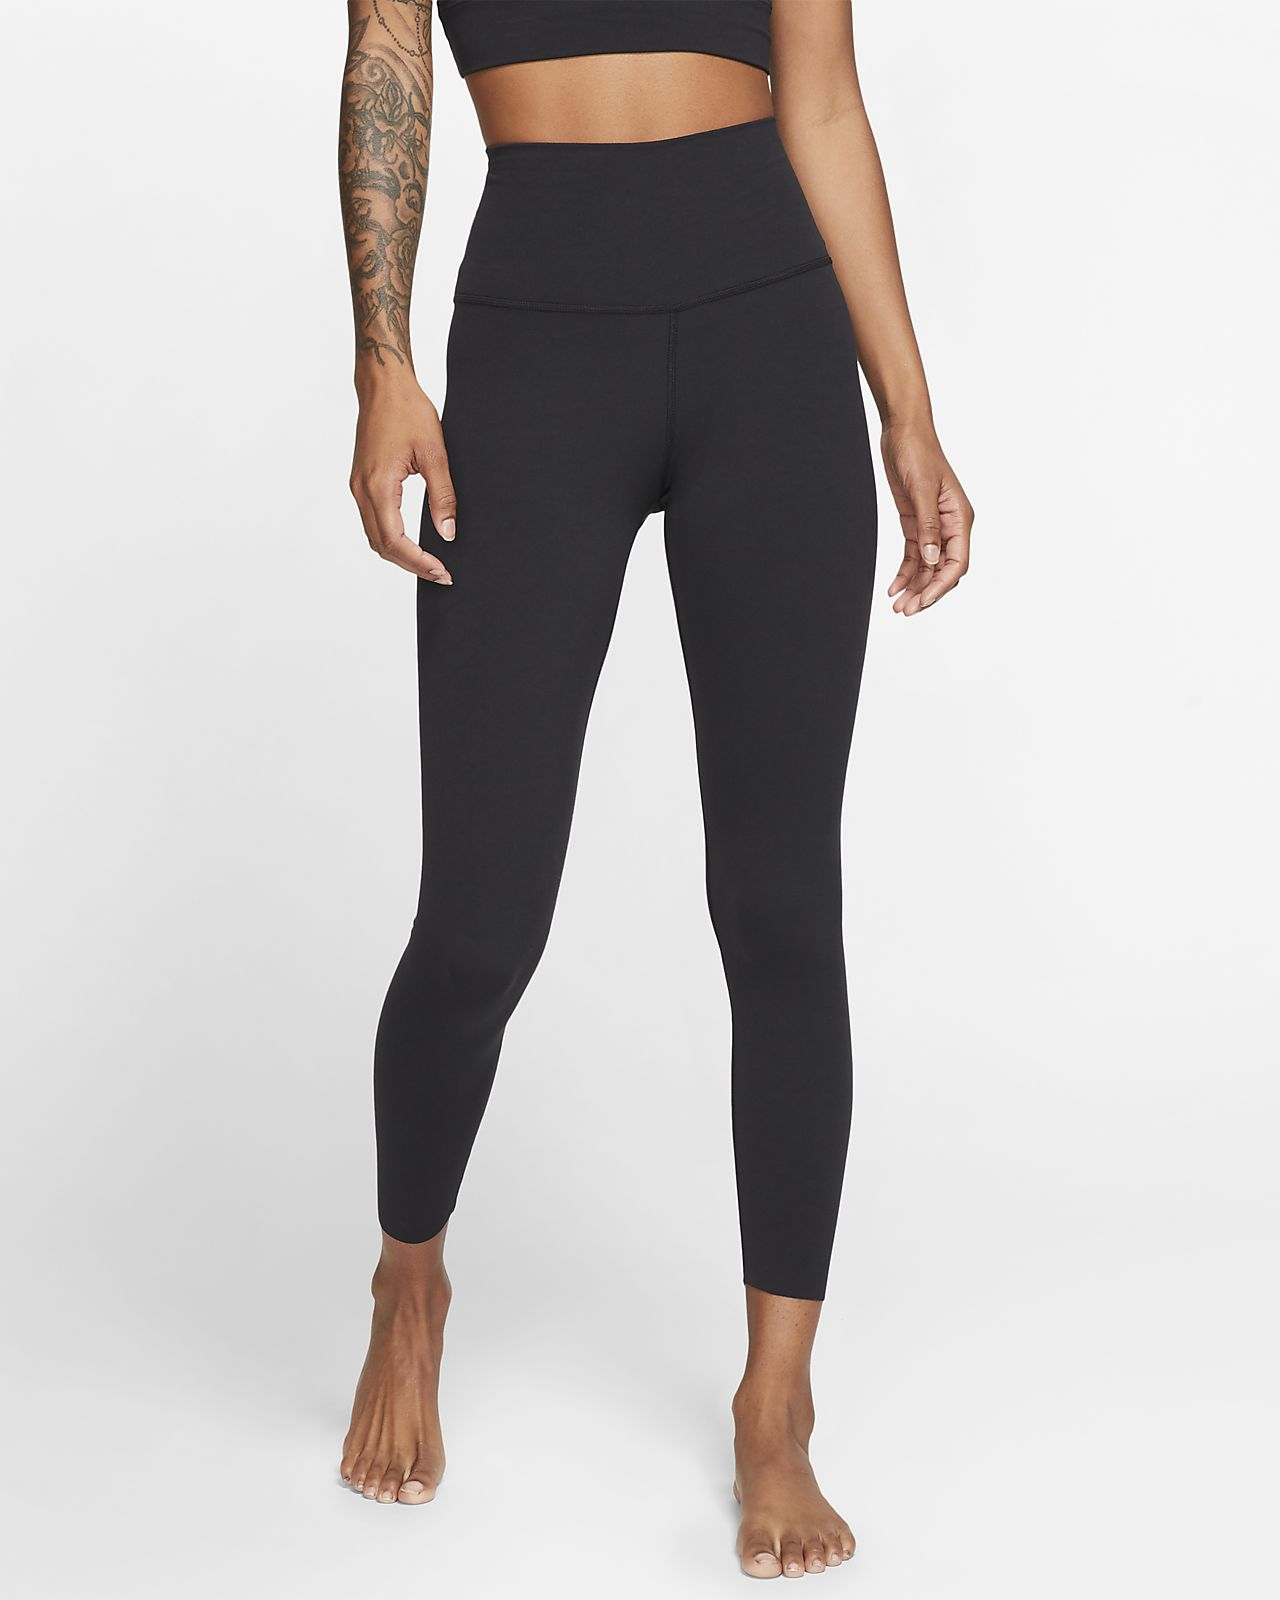 Leggings Nike Yoga Luxe Infinalon i 7/8-längd för kvinnor